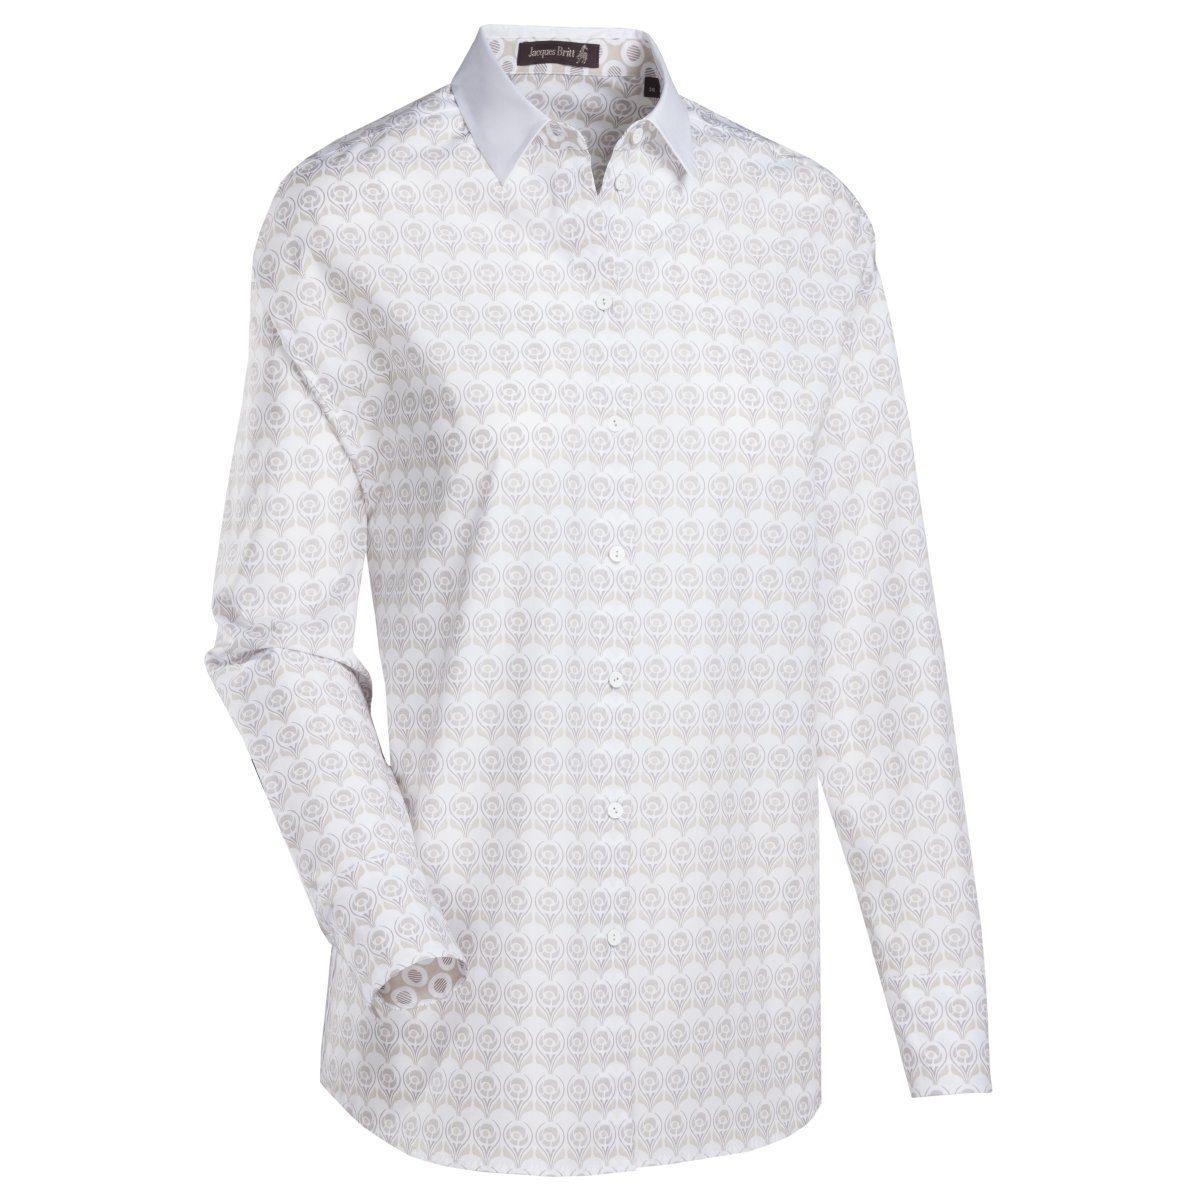 Jacques britt женские блузы купить рубашки женские купить в москве